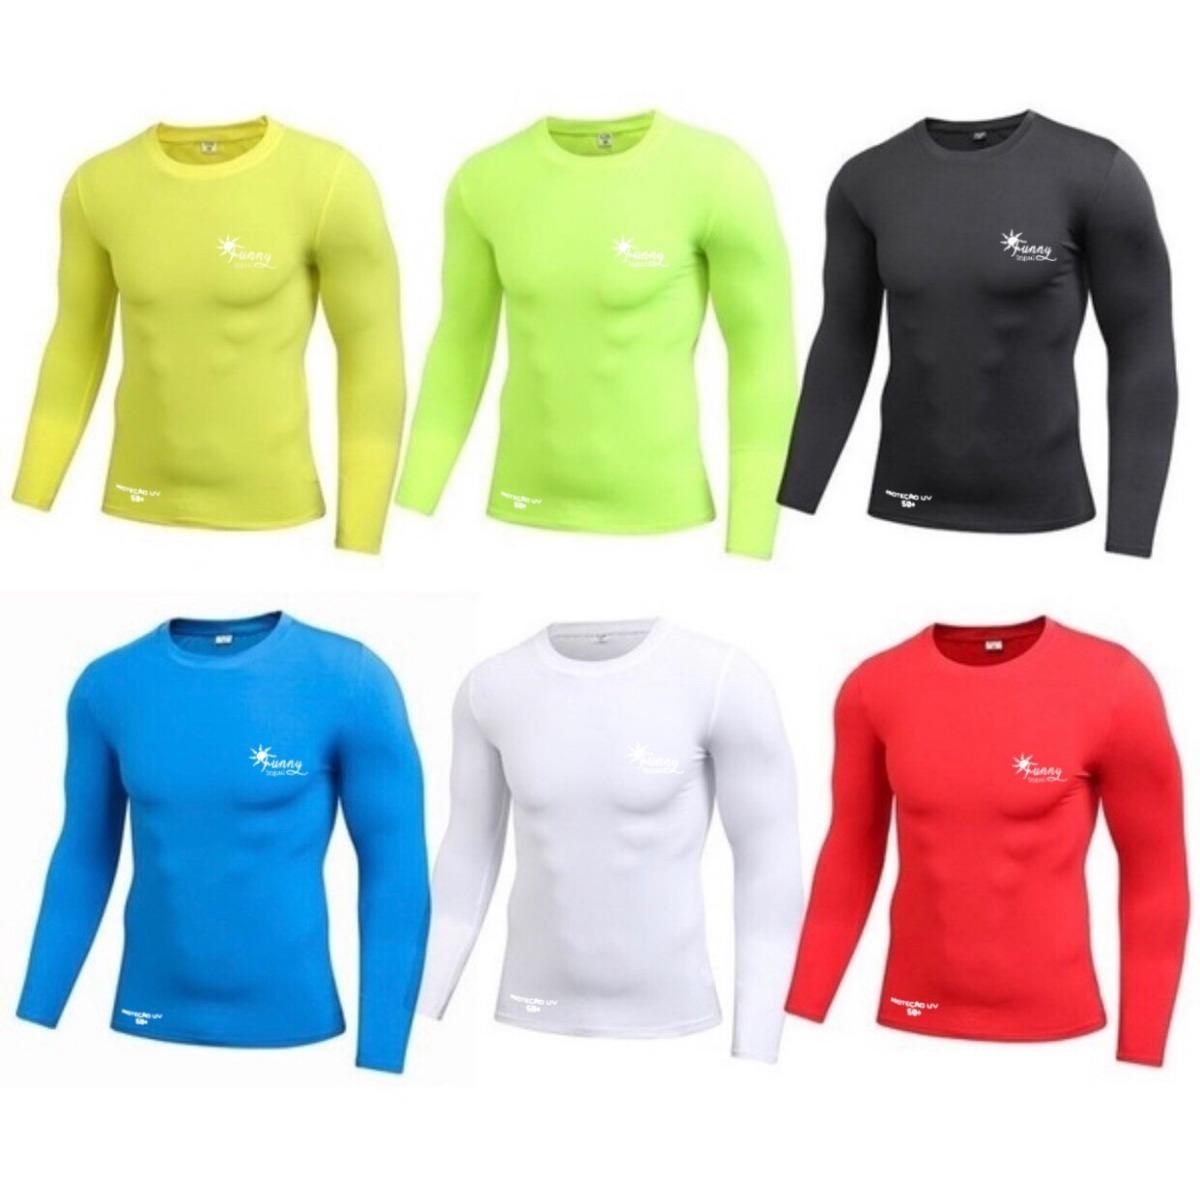 7bc8765084 kit 8 camisetas térmica segunda pele proteção uv solar fator. Carregando  zoom.